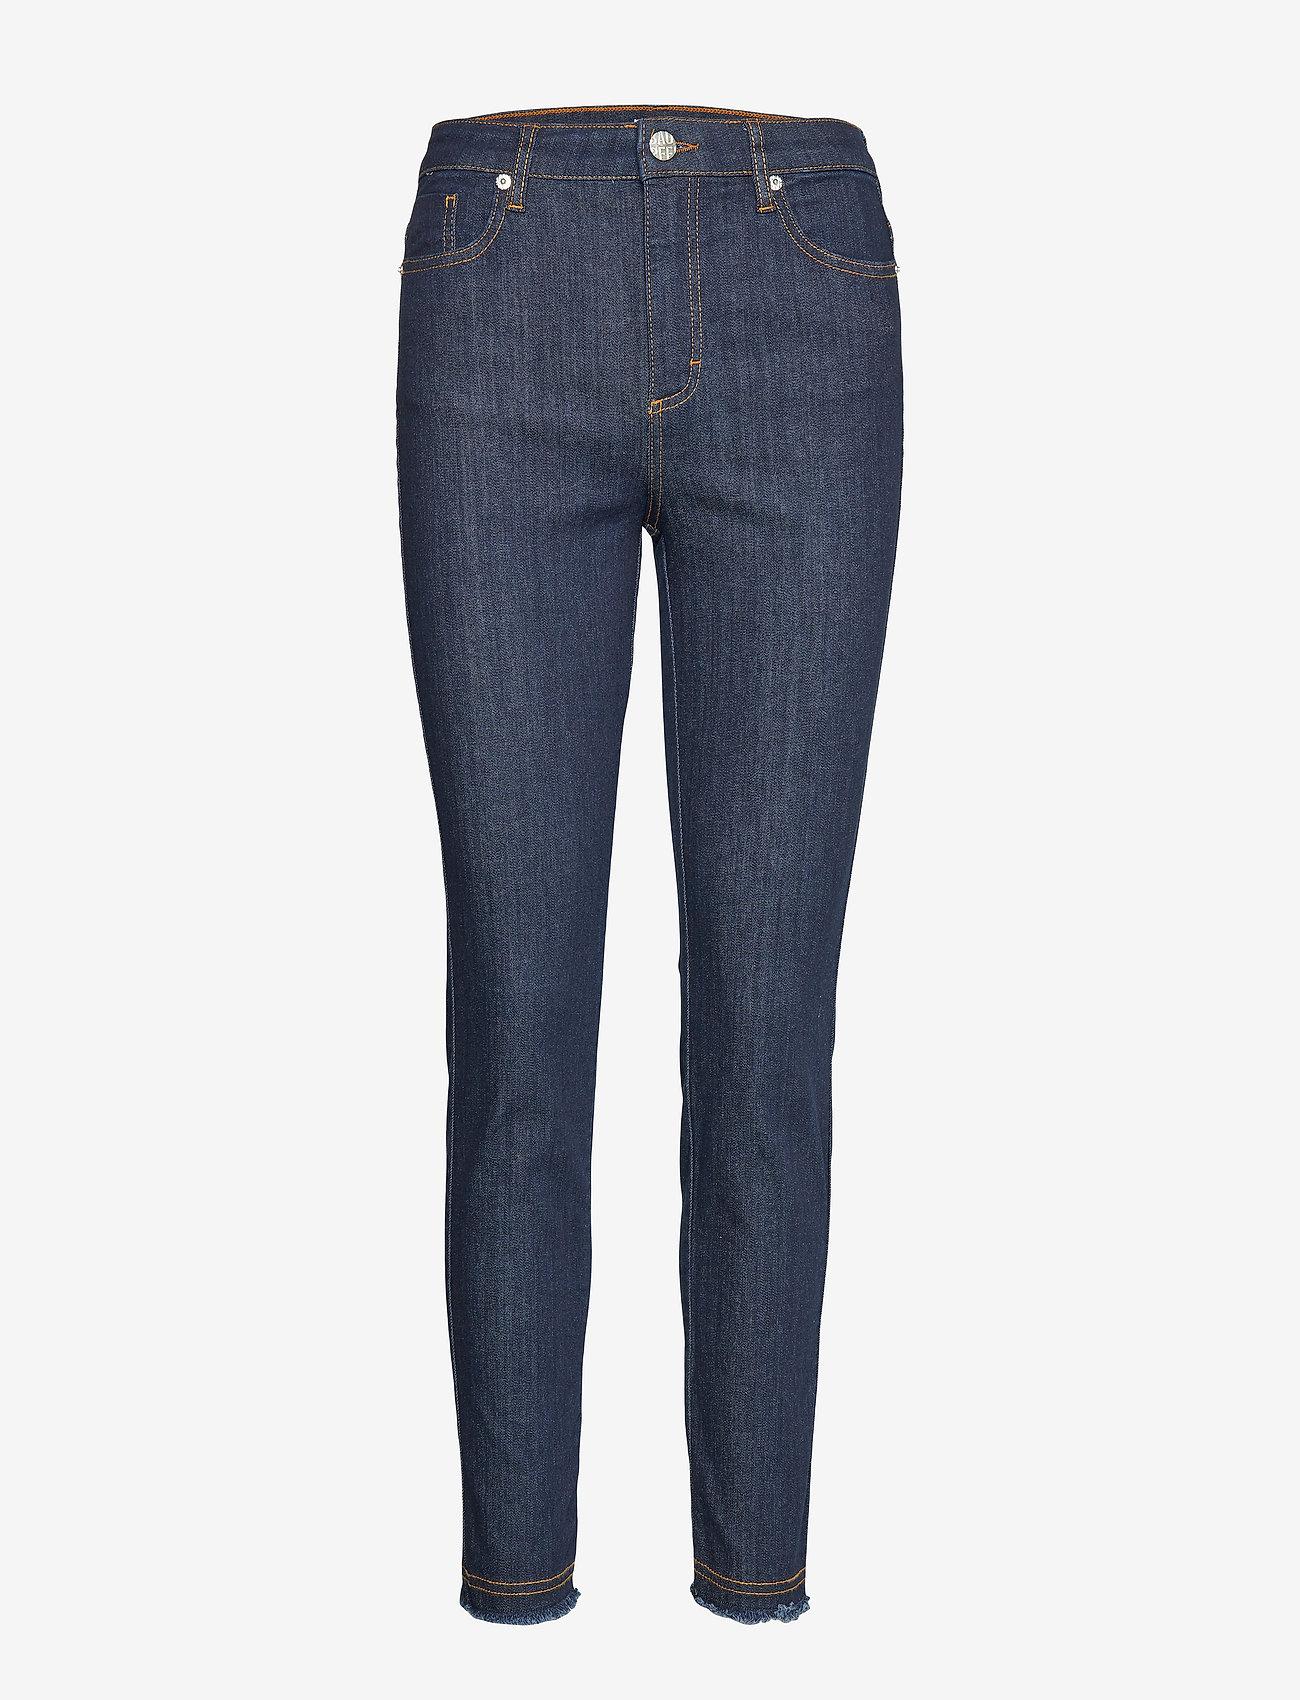 Baum und Pferdgarten - NIKKI - skinny jeans - denim rinse - 0